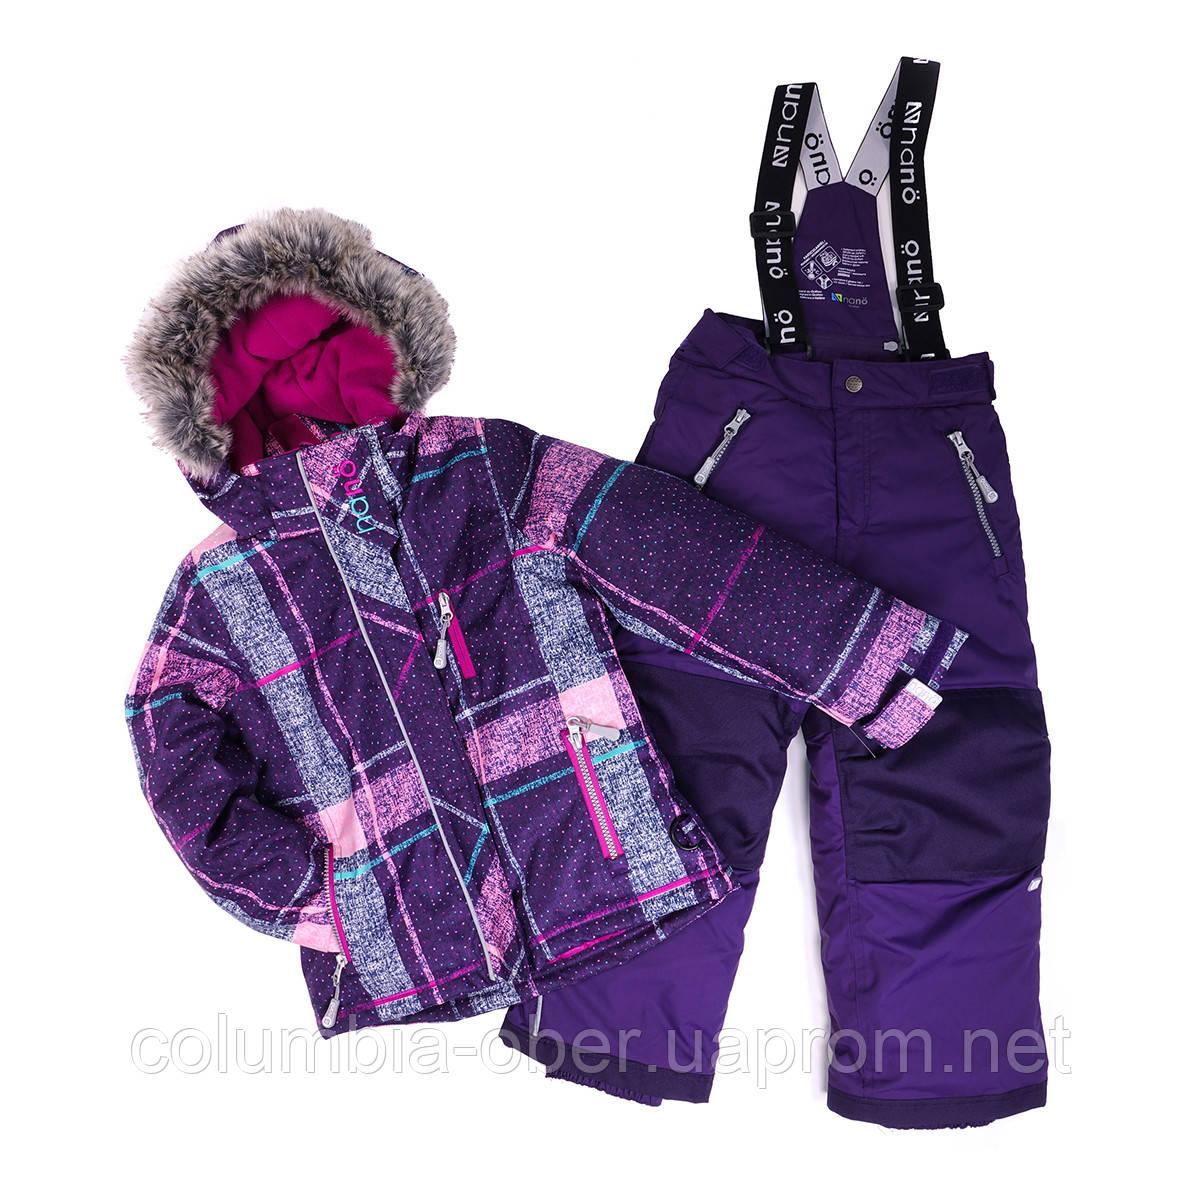 Зимний костюм для девочки NANO 250 M F16. Размеры 18 мес  и 7 лет.